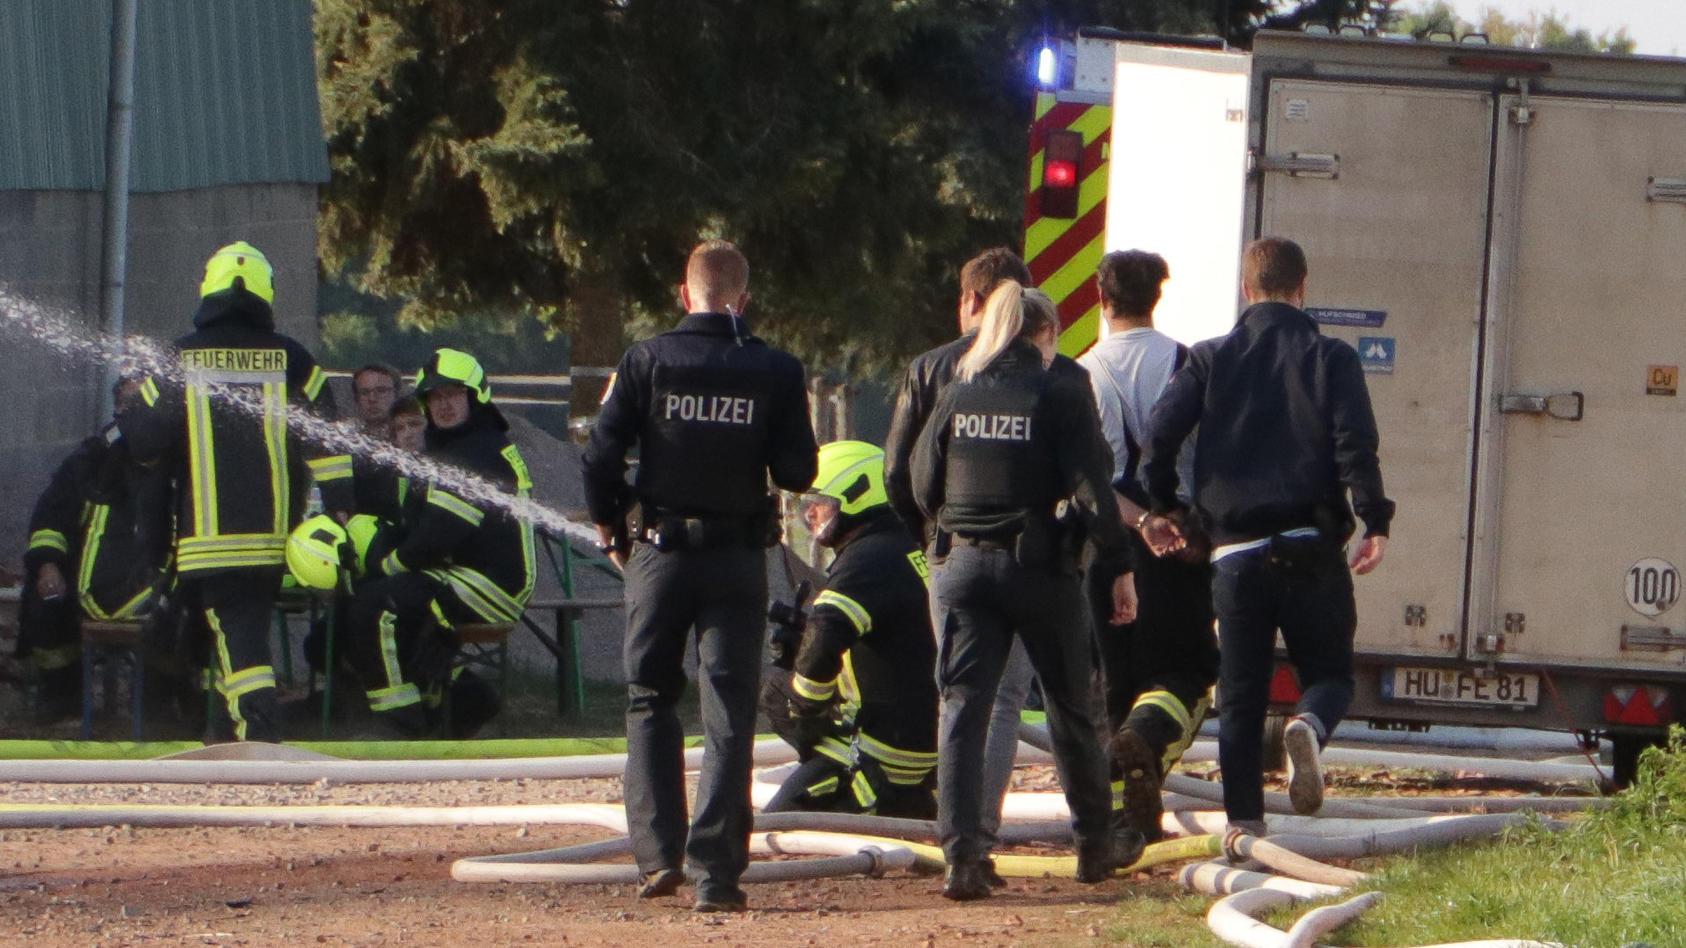 Festnahme nach Brand von Lagerhalle in Neuberg